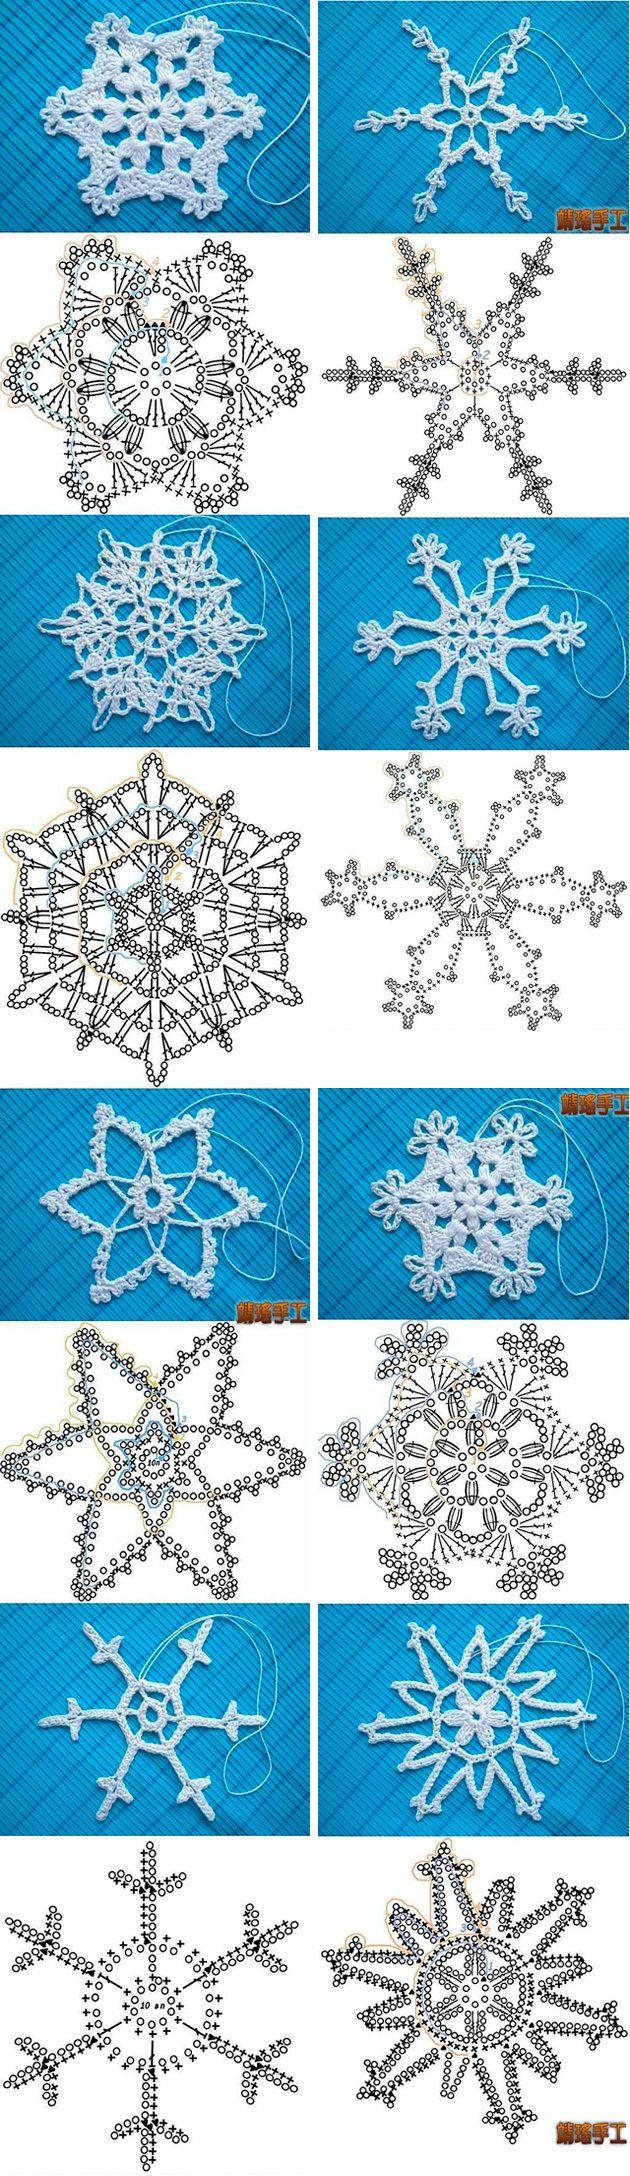 diagramas-copos-de-nieve                                                       …